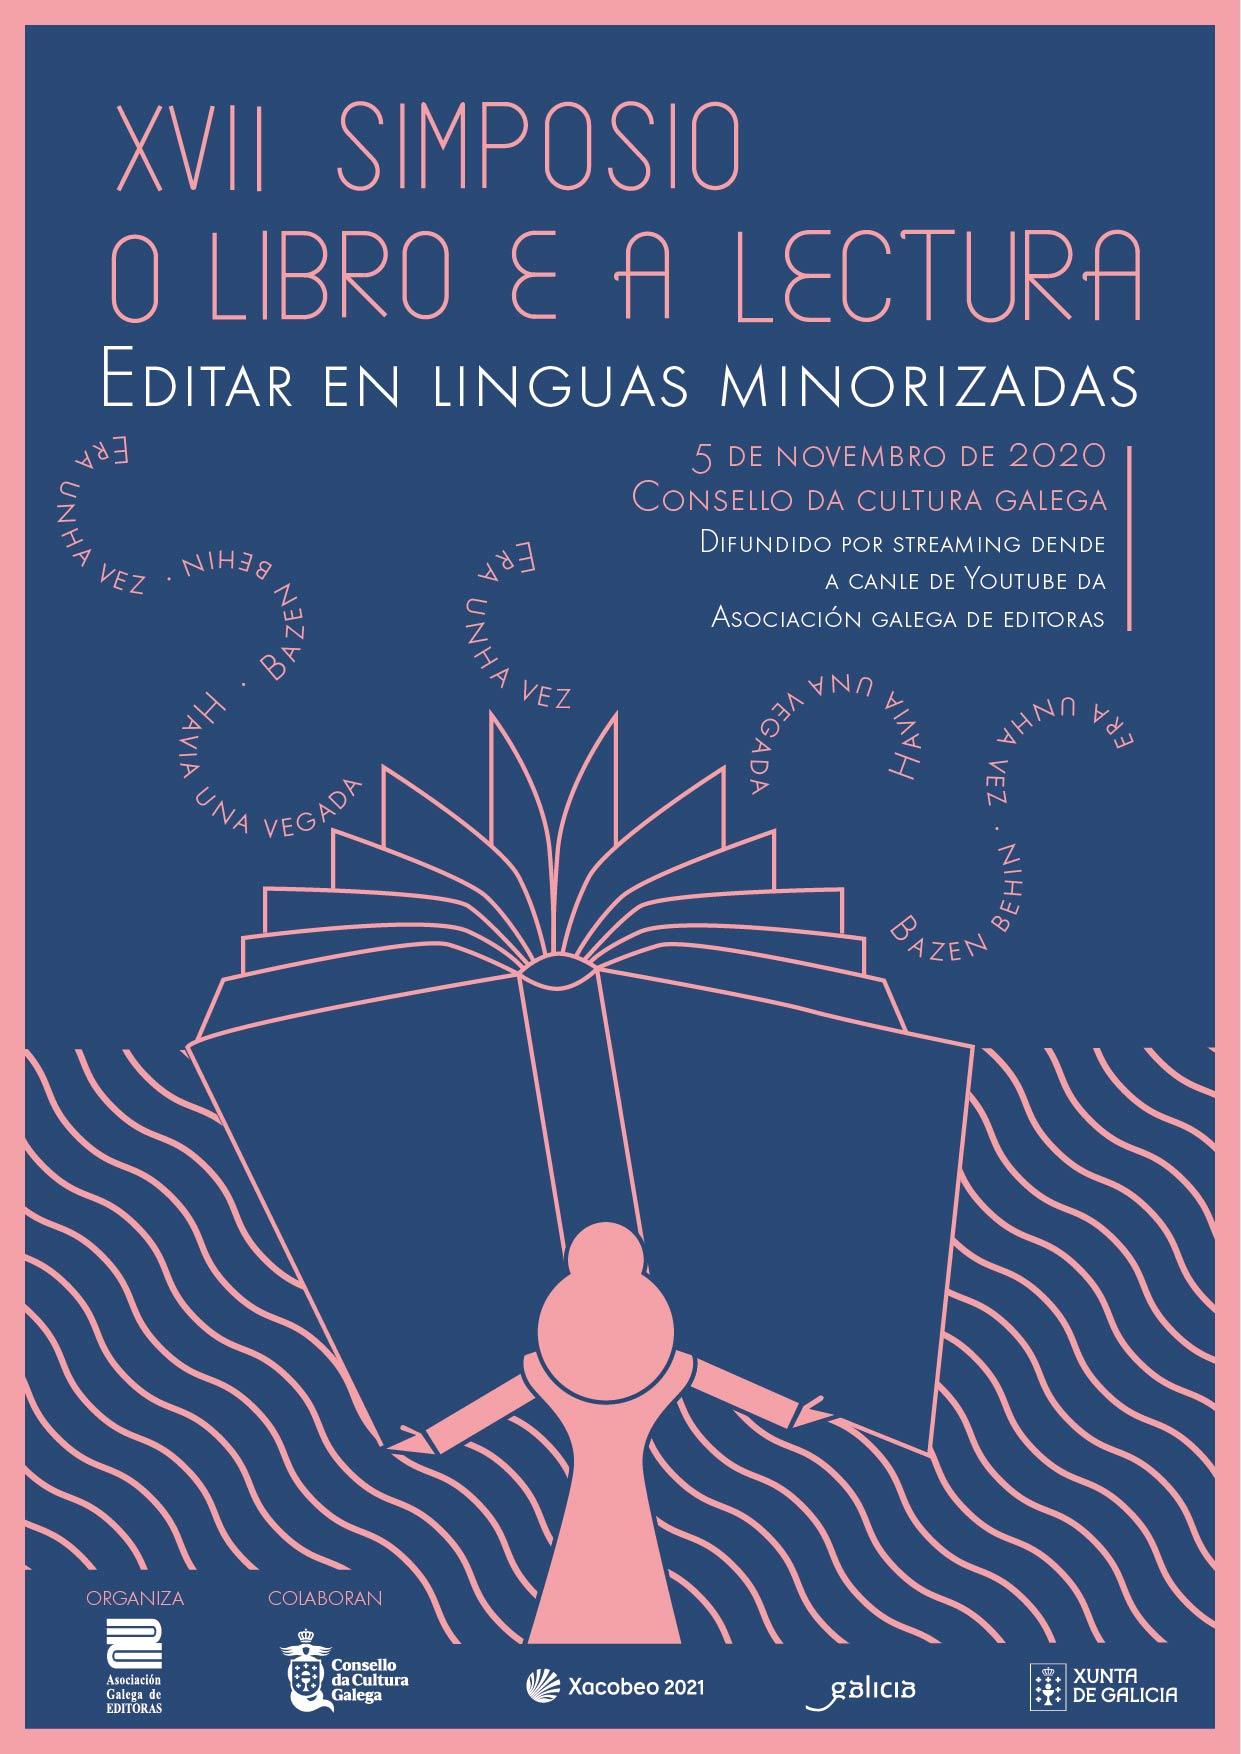 O encontro da Asociación Galega de Editoras retransmitirase este 5 de novembro desde Compostela